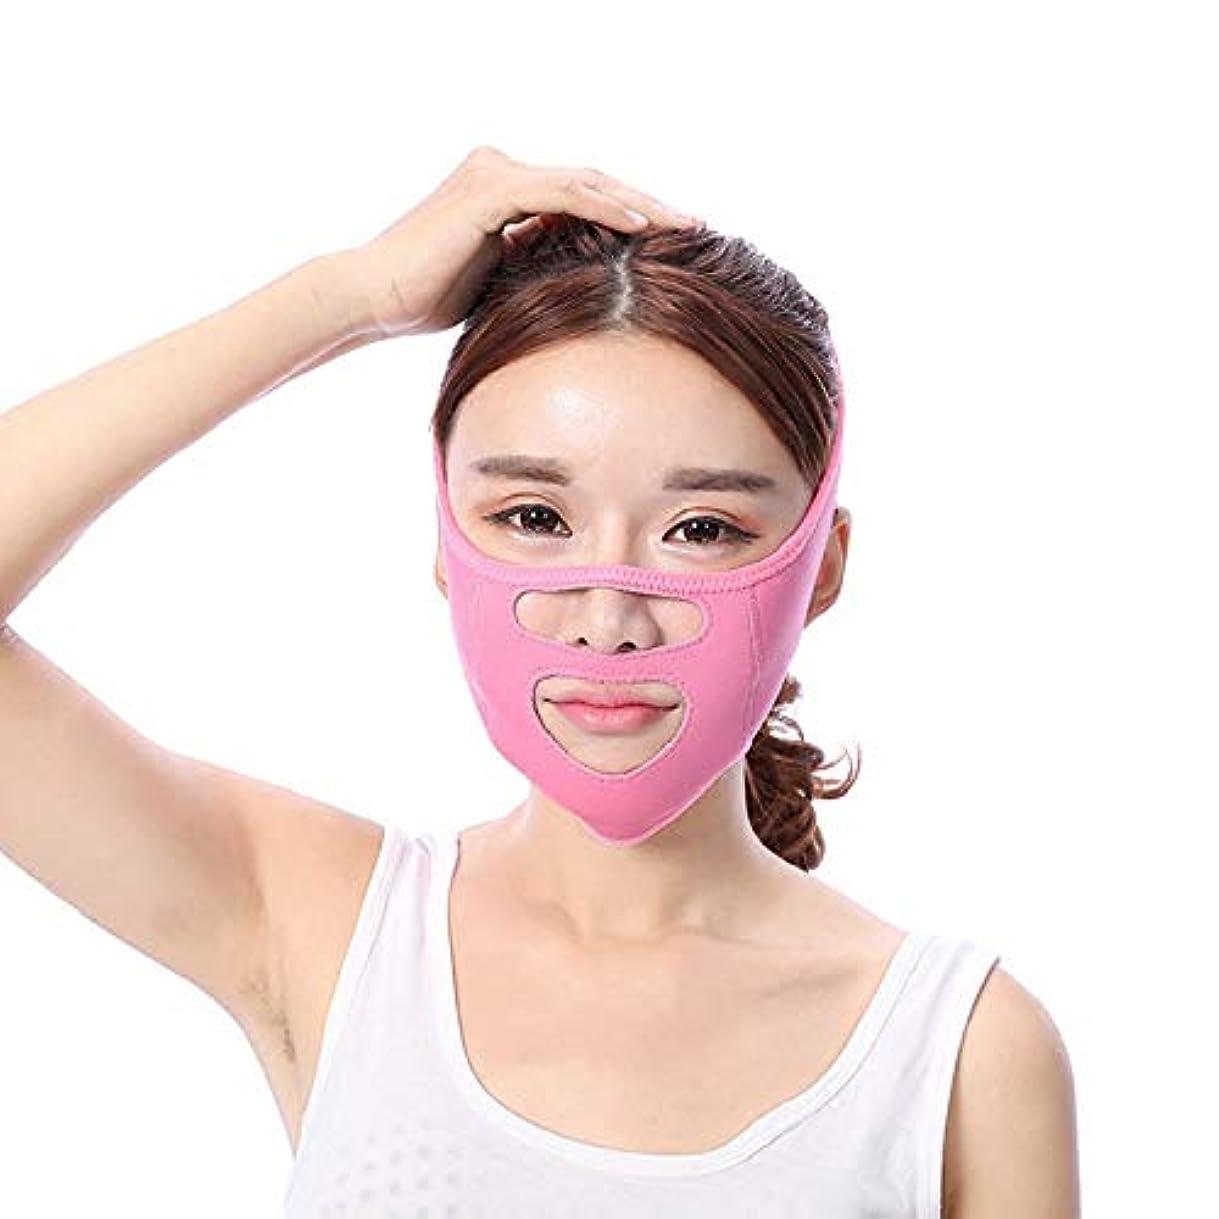 放置天の靄顔の持ち上がる痩身ベルト - あなたの顔のための素晴らしいトレーニング二重あごのワークアウトフェイスマスクベルト薄い顔包帯整形マスクは顔と首を締めますフェイススリム